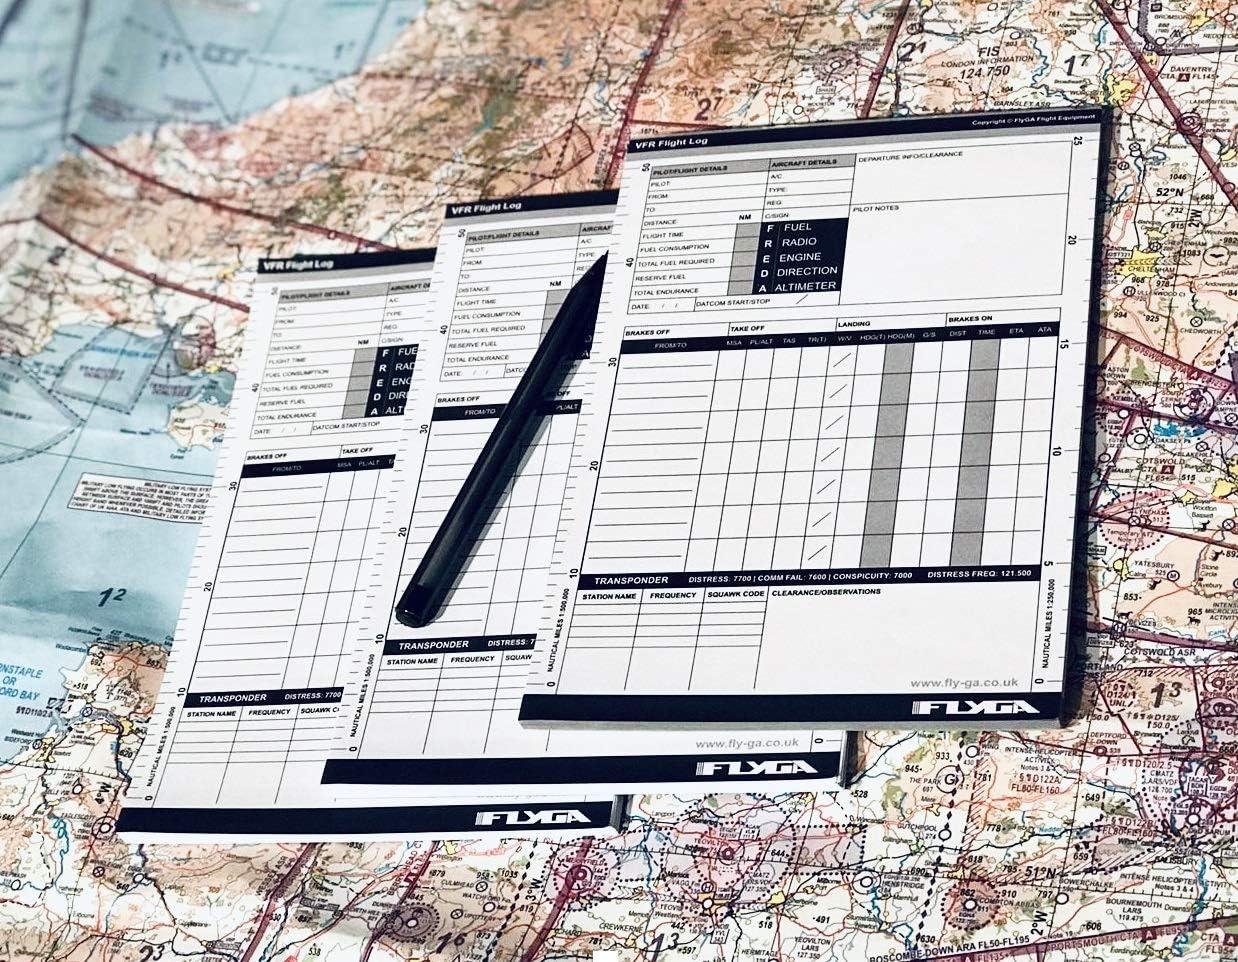 A5 VFR Pilot Log Pad (vuelo Plog libro) [3 unidades] – para PPL (un), lapl, PPL (H) & CPL pilotos de aviación...: Amazon.es: Deportes y aire libre